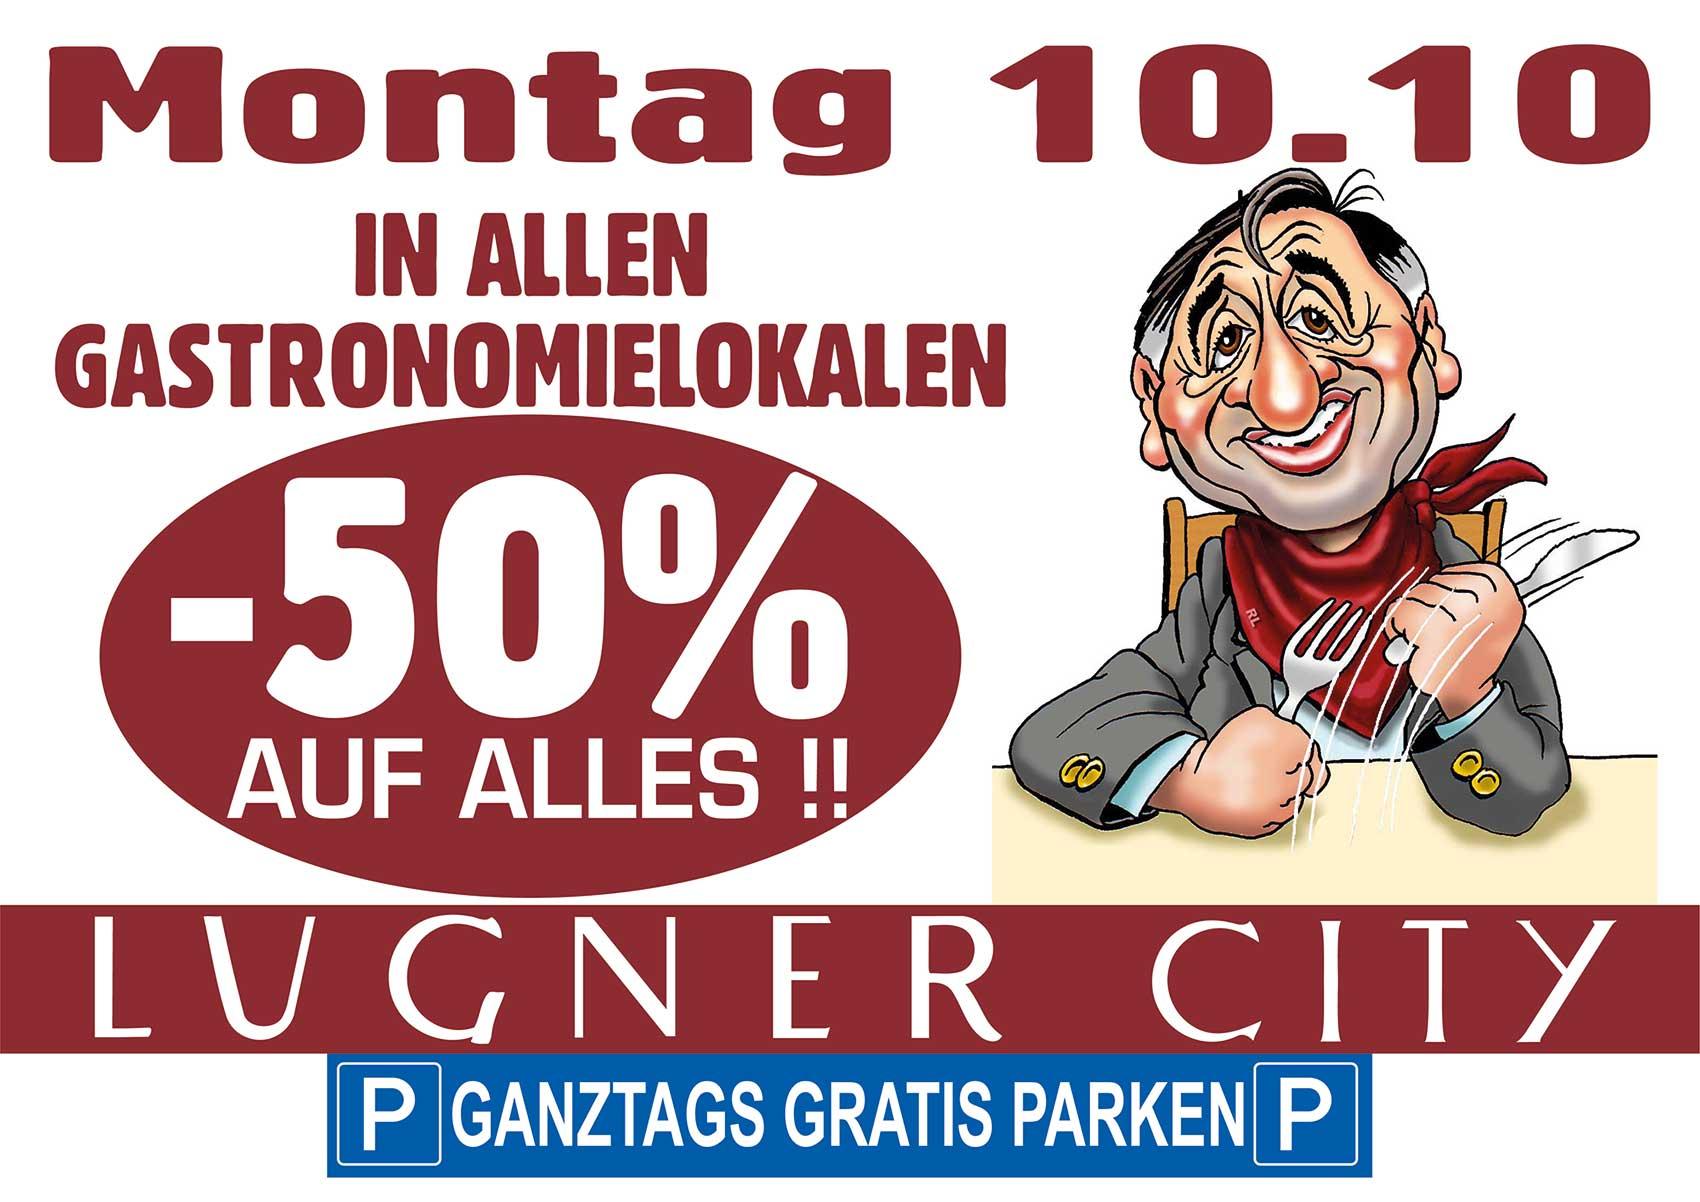 Lugner City: 50% Rabatt in allen Gastronomielokalen – nur am 10. Oktober